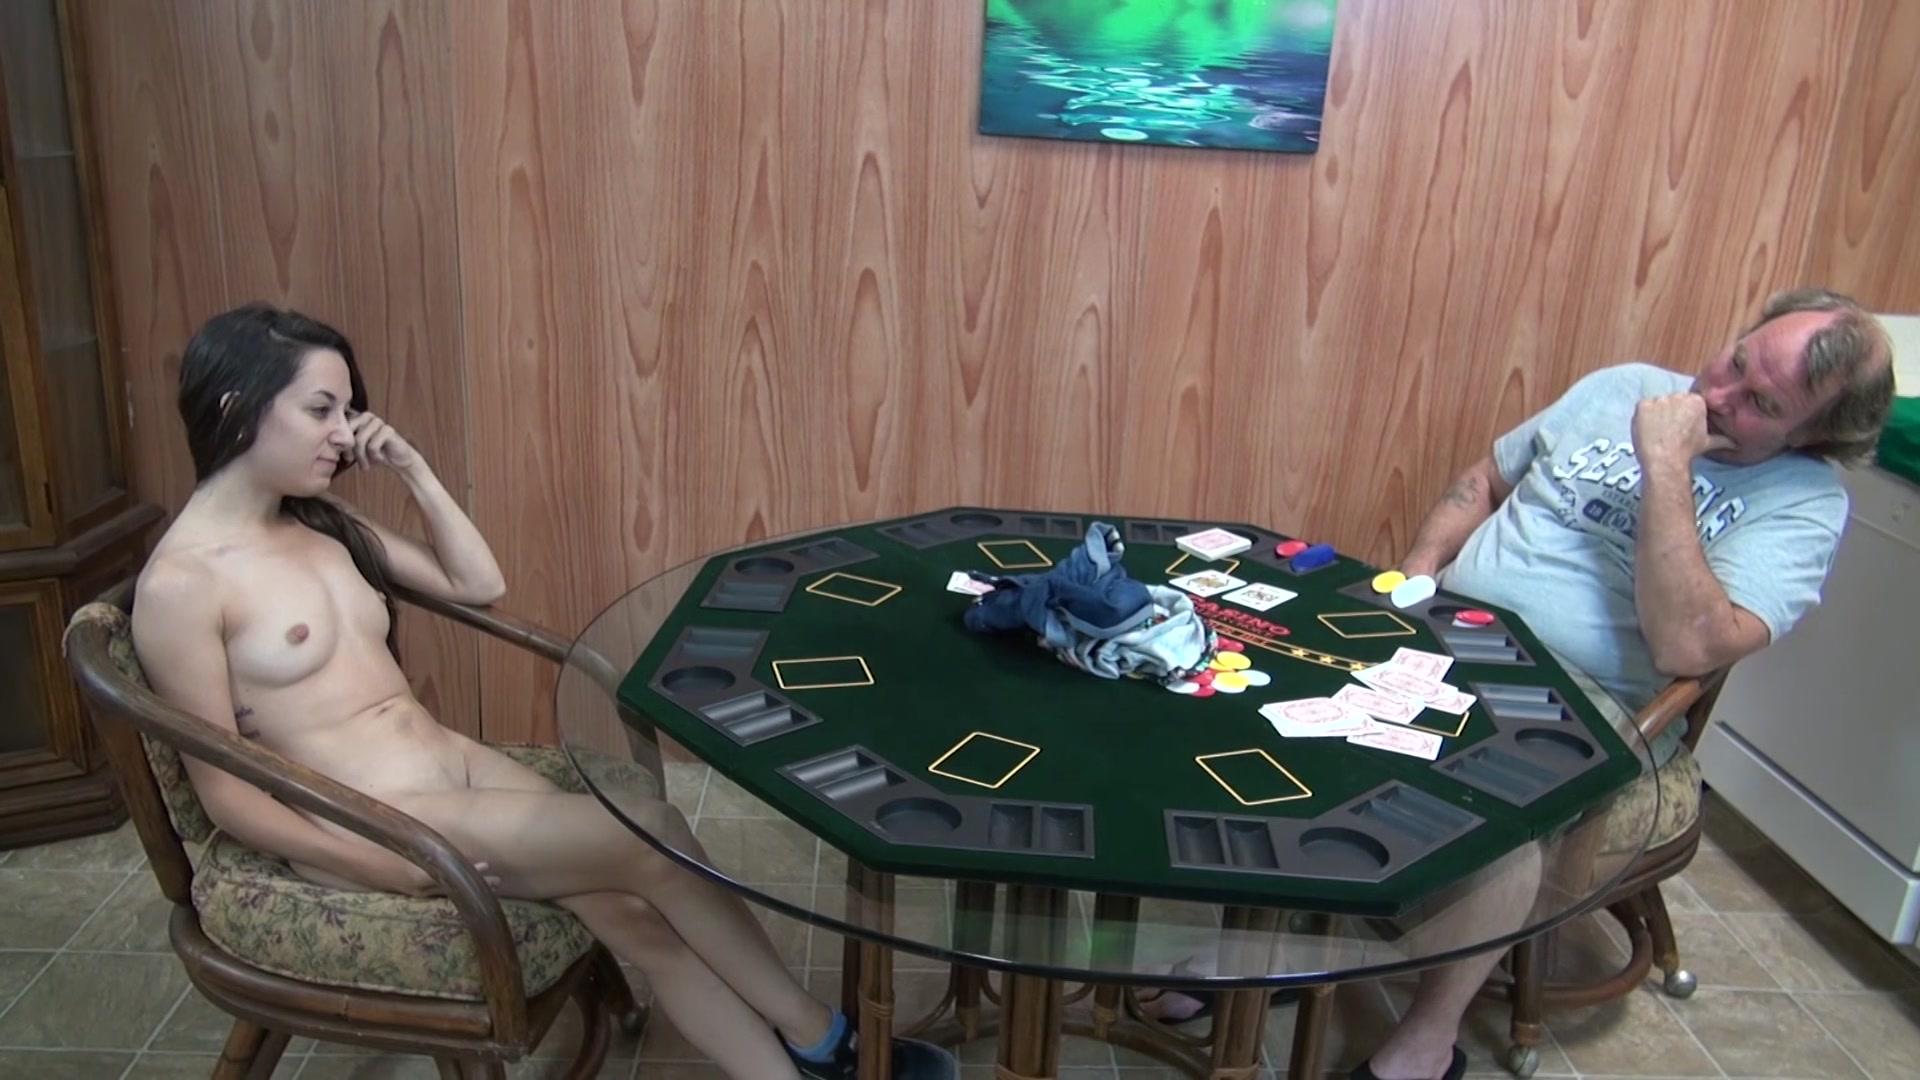 Porno poker hd